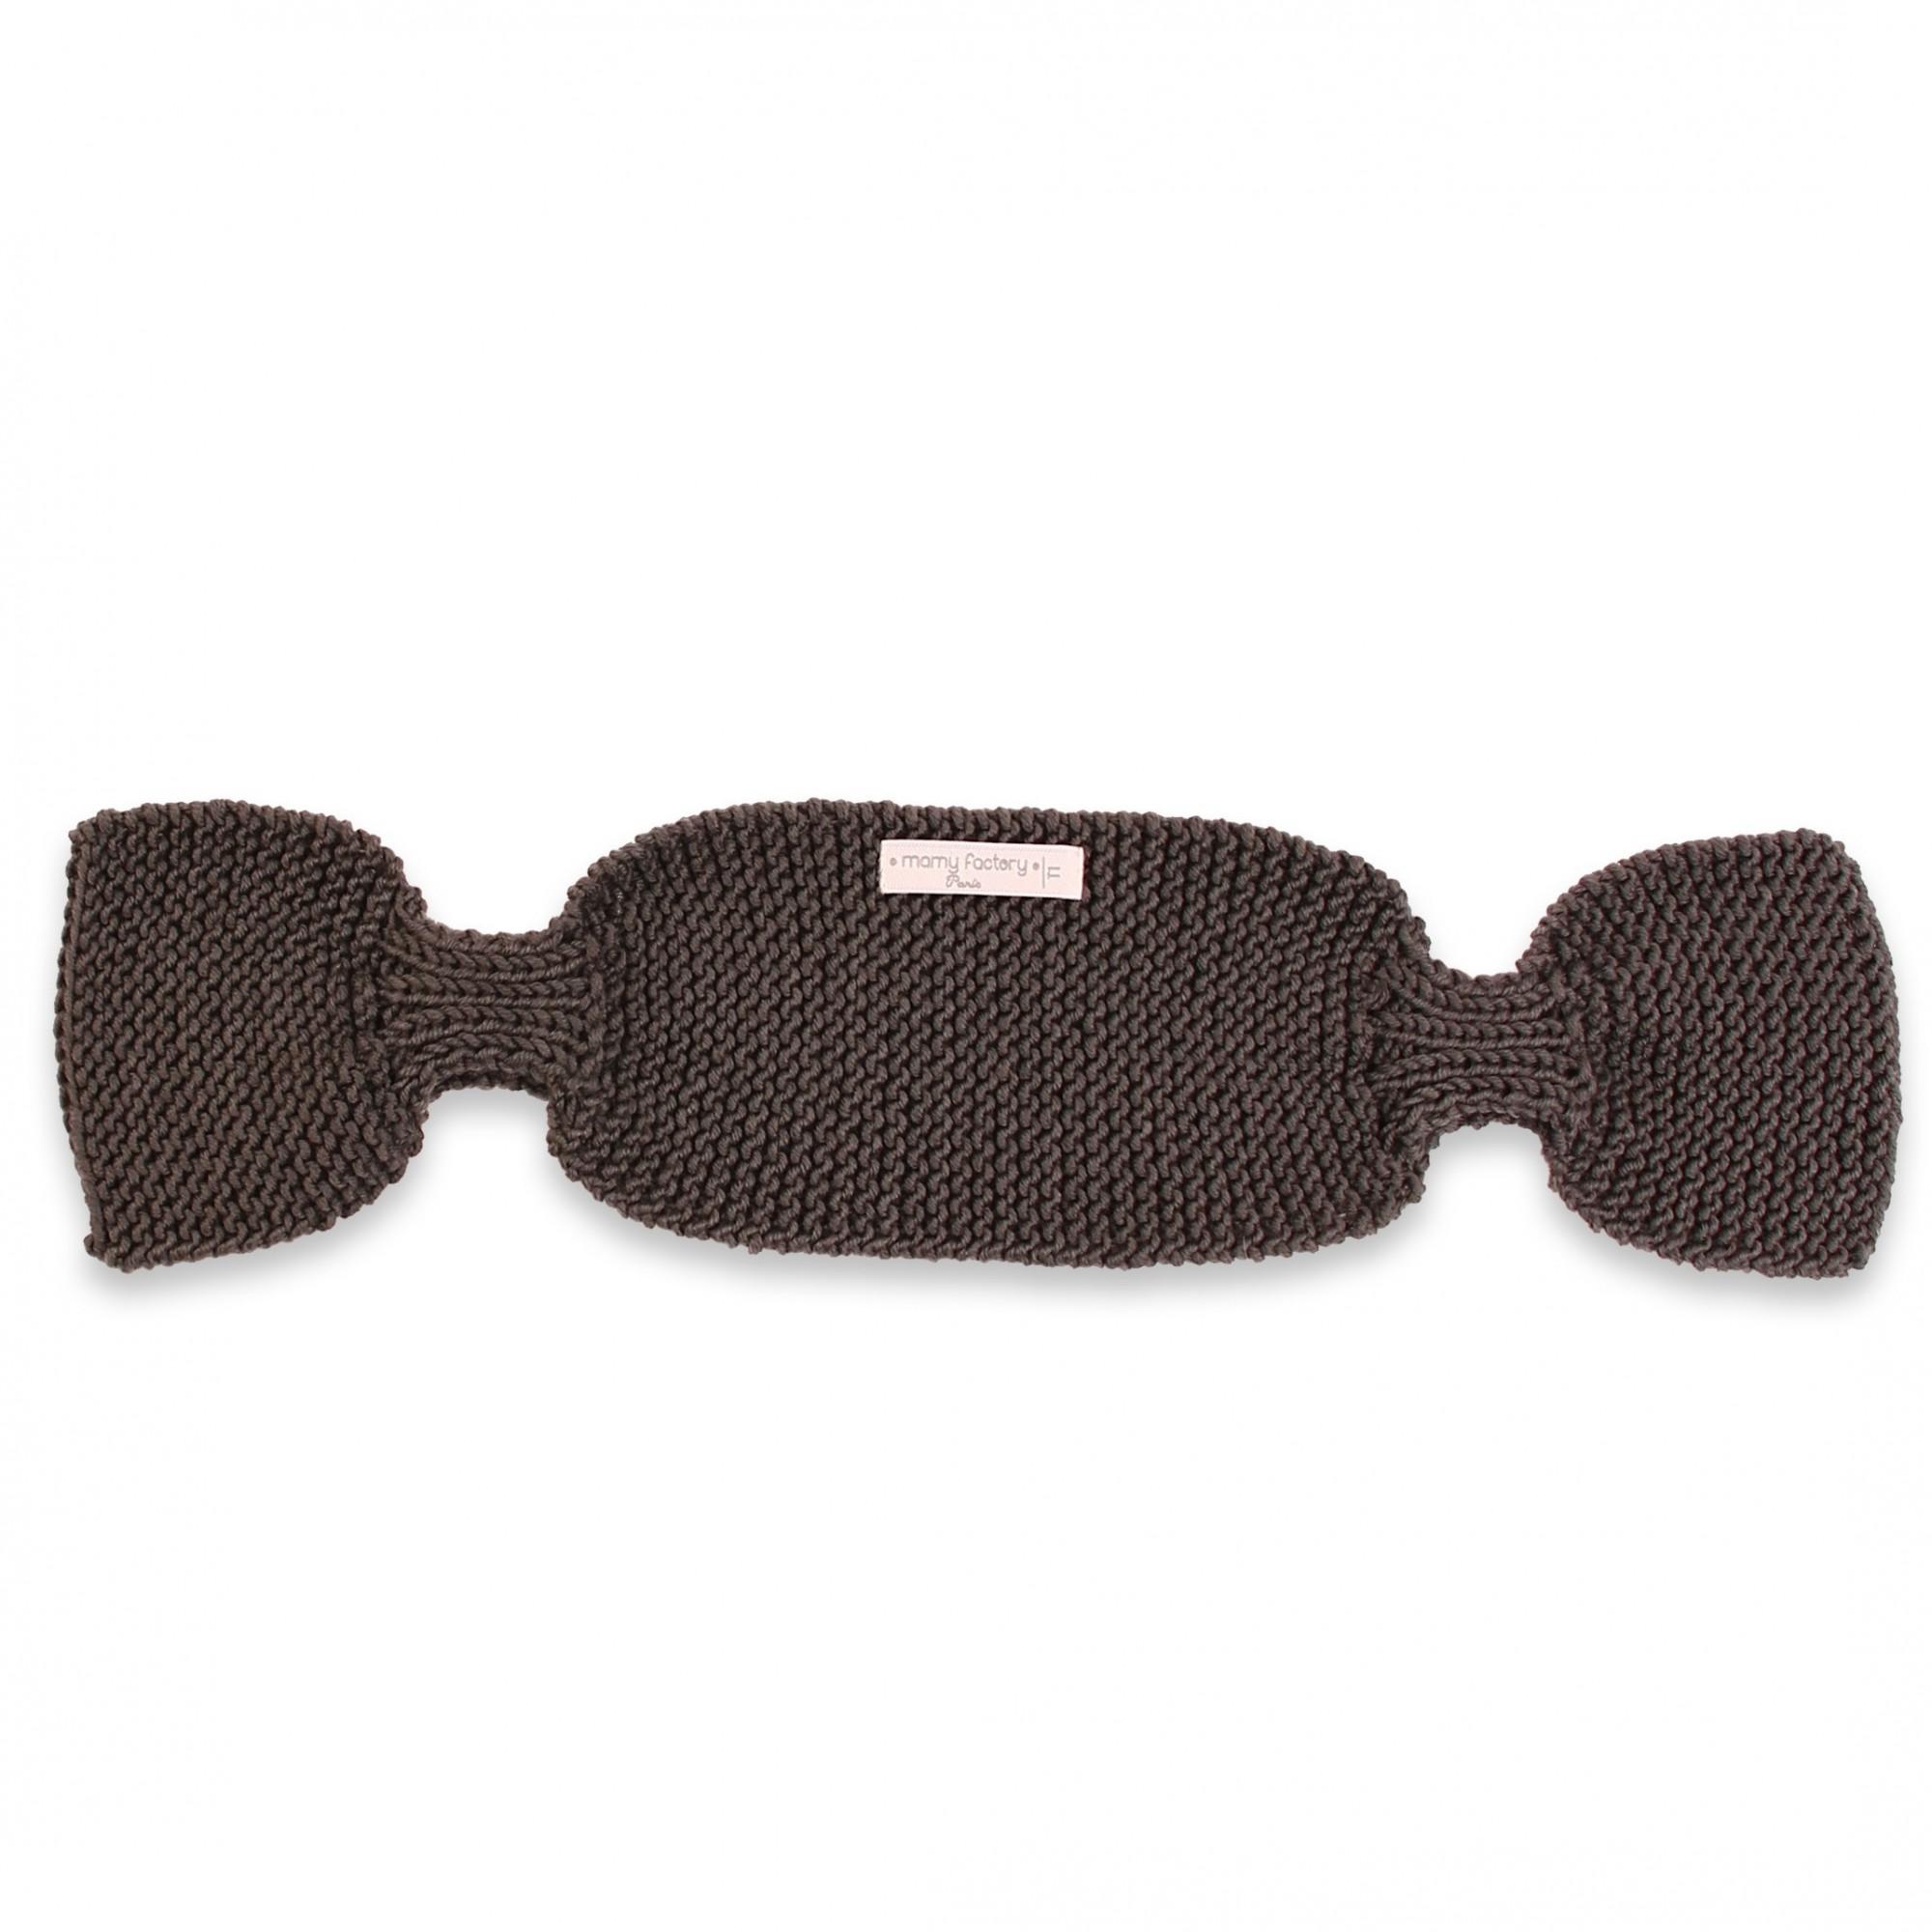 Écharpe Léontine tricotée main couleur noire